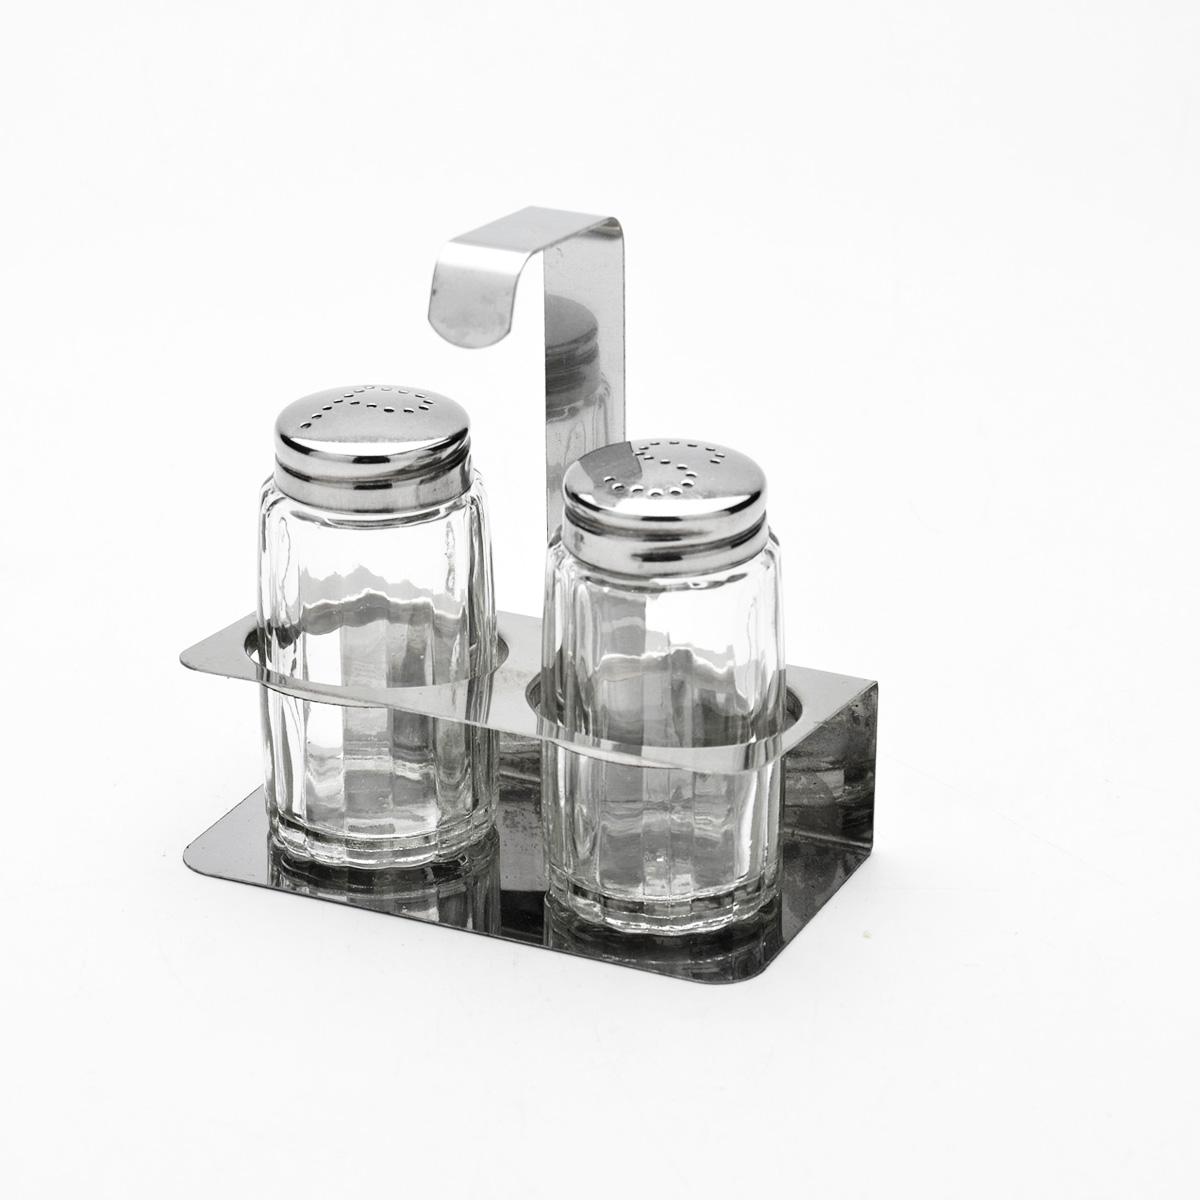 Набор для специй Mayer & Boch, 3 предмета. 92029202Набор для специй Mayer & Boch состоит из солонки, перечницы и подставки. Емкости выполнены из высококачественного стекла. Крышки емкостей, а также подставка выполнены из нержавеющей стали. Подставка оснащена ручкой. Набор для специй Mayer & Boch прекрасно оформит кухонный стол и станет незаменимым аксессуаром на любой кухне. Размер емкостей: 3,5 см х 3,5 см х 7 см. Размер подставки: 10 см х 5 см х 10 см. Размер емкостей: 3,5 см х 3,5 см х 7 см. Размер подставки: 10 см х 5 см х 10 см.